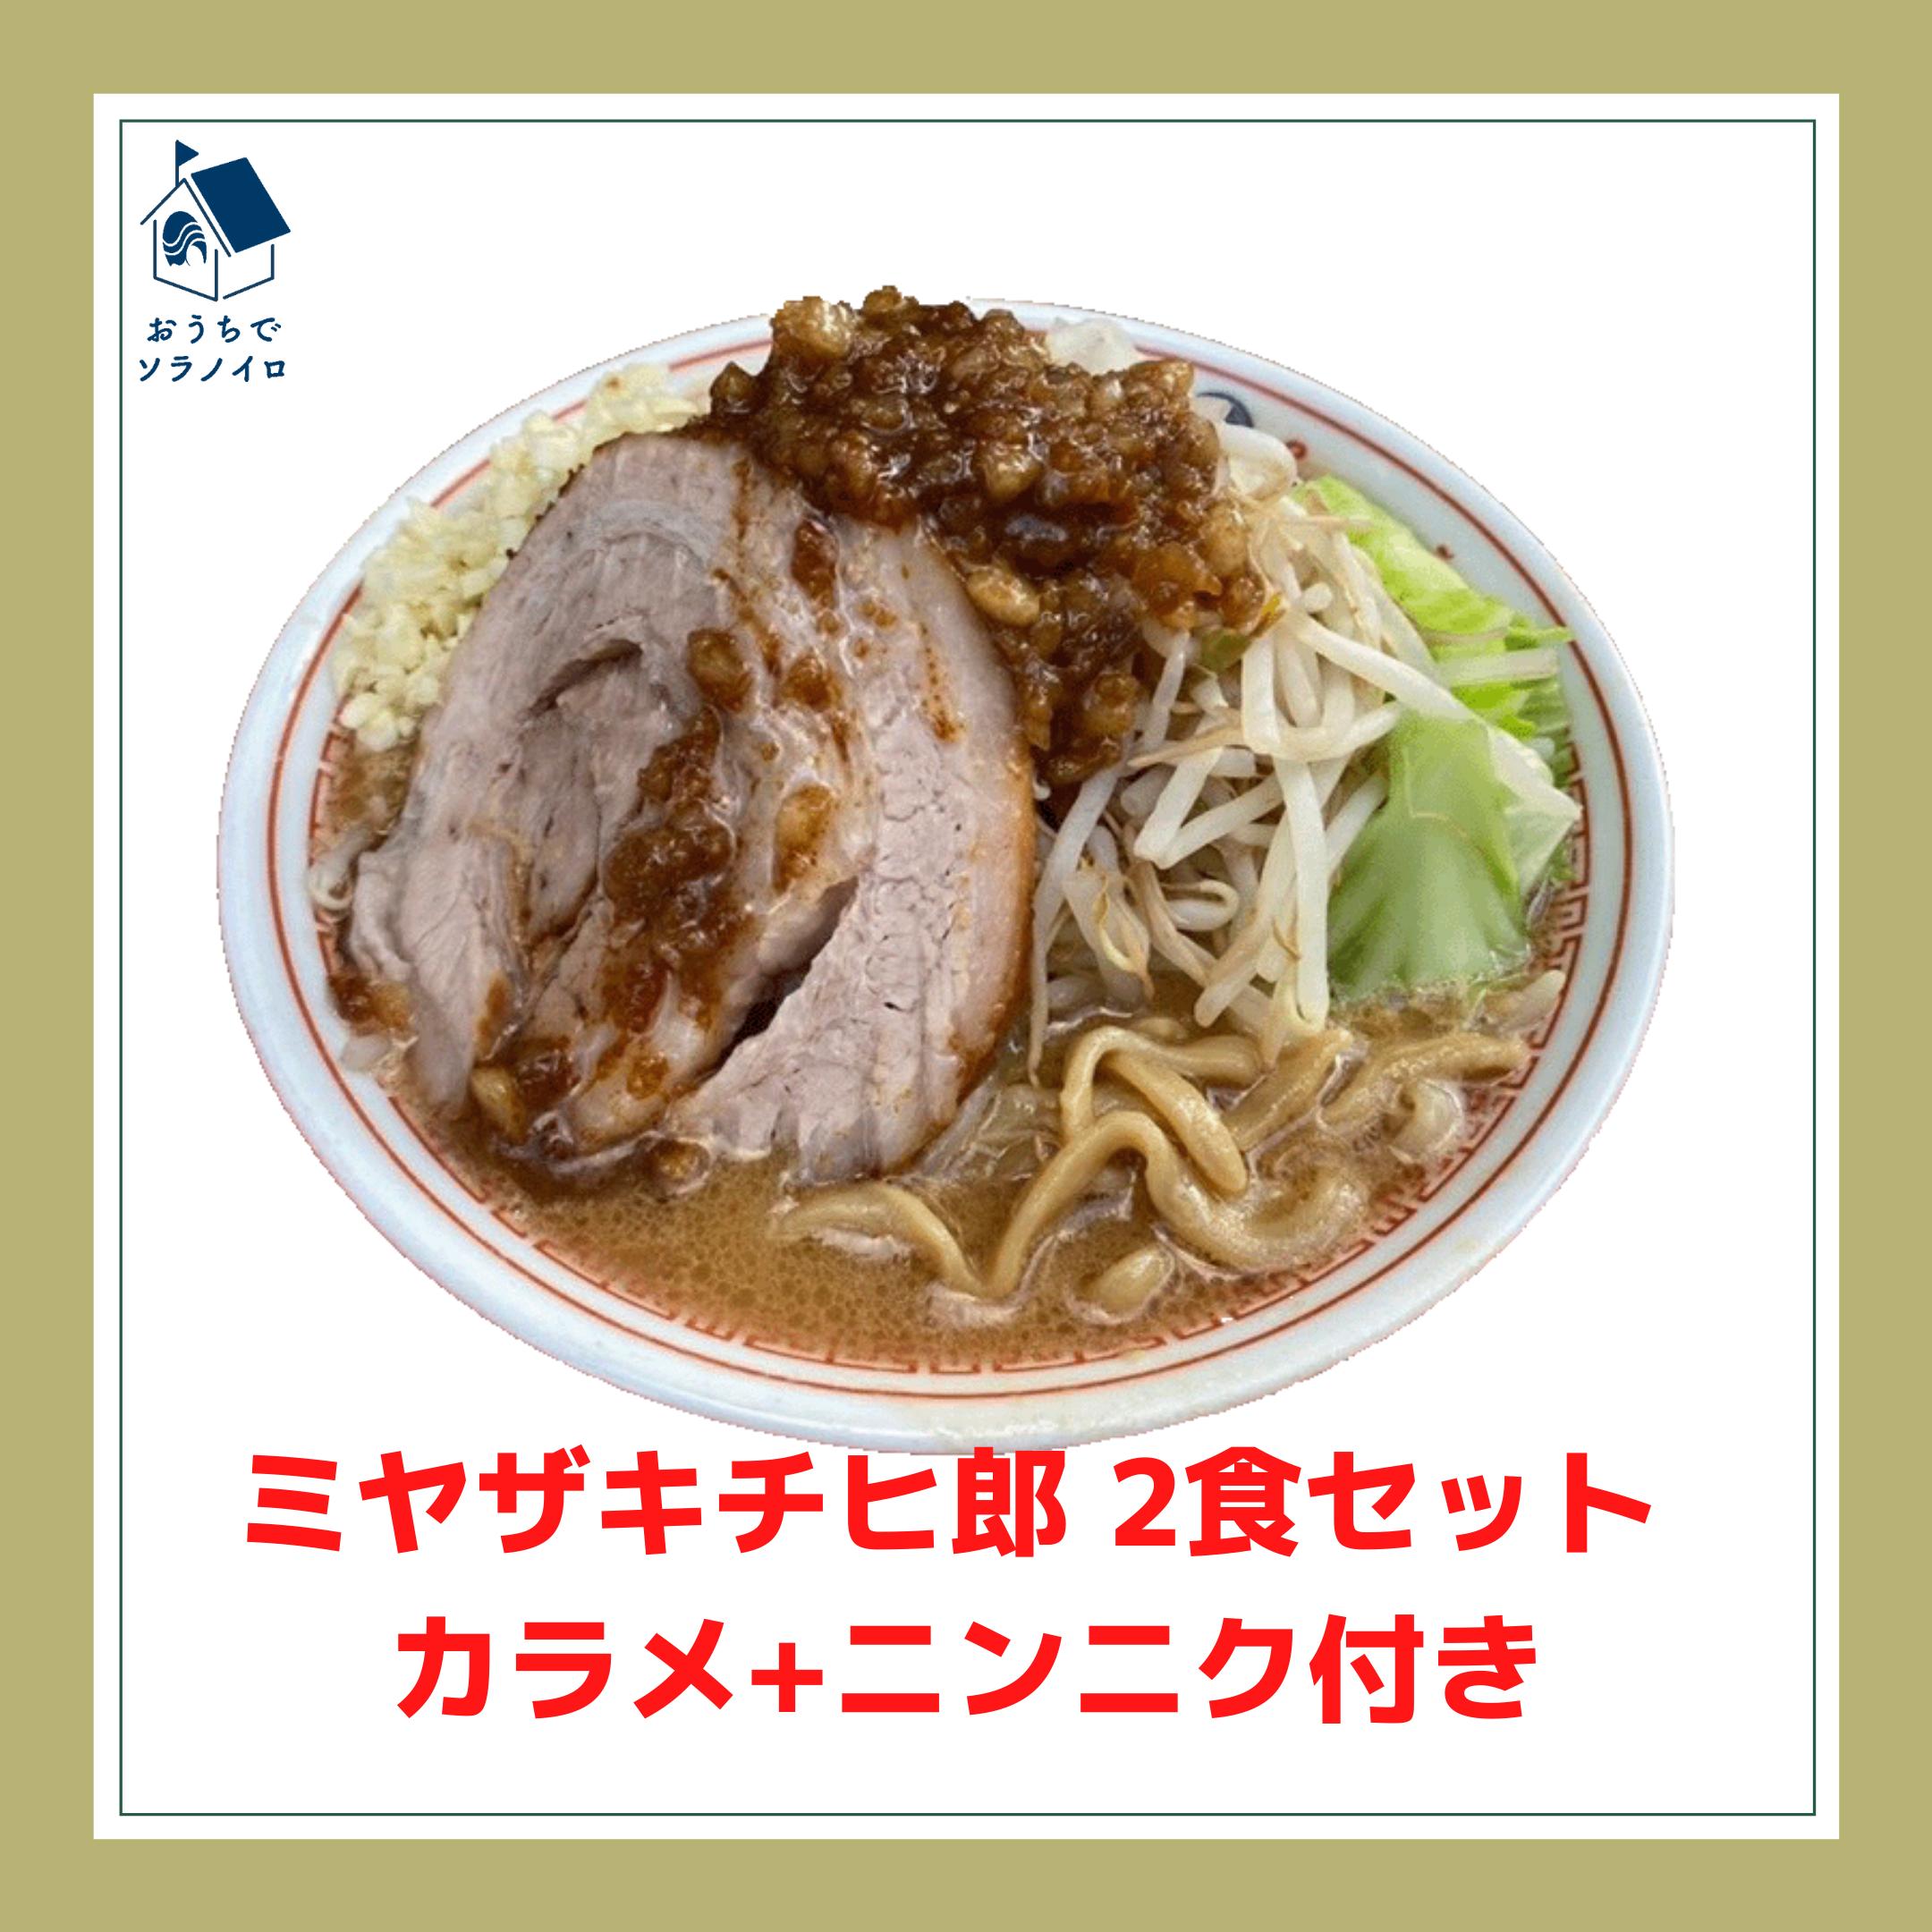 ミヤザキチヒ郎 2食セット カラメ+ニンニク付き(クール便送料込)